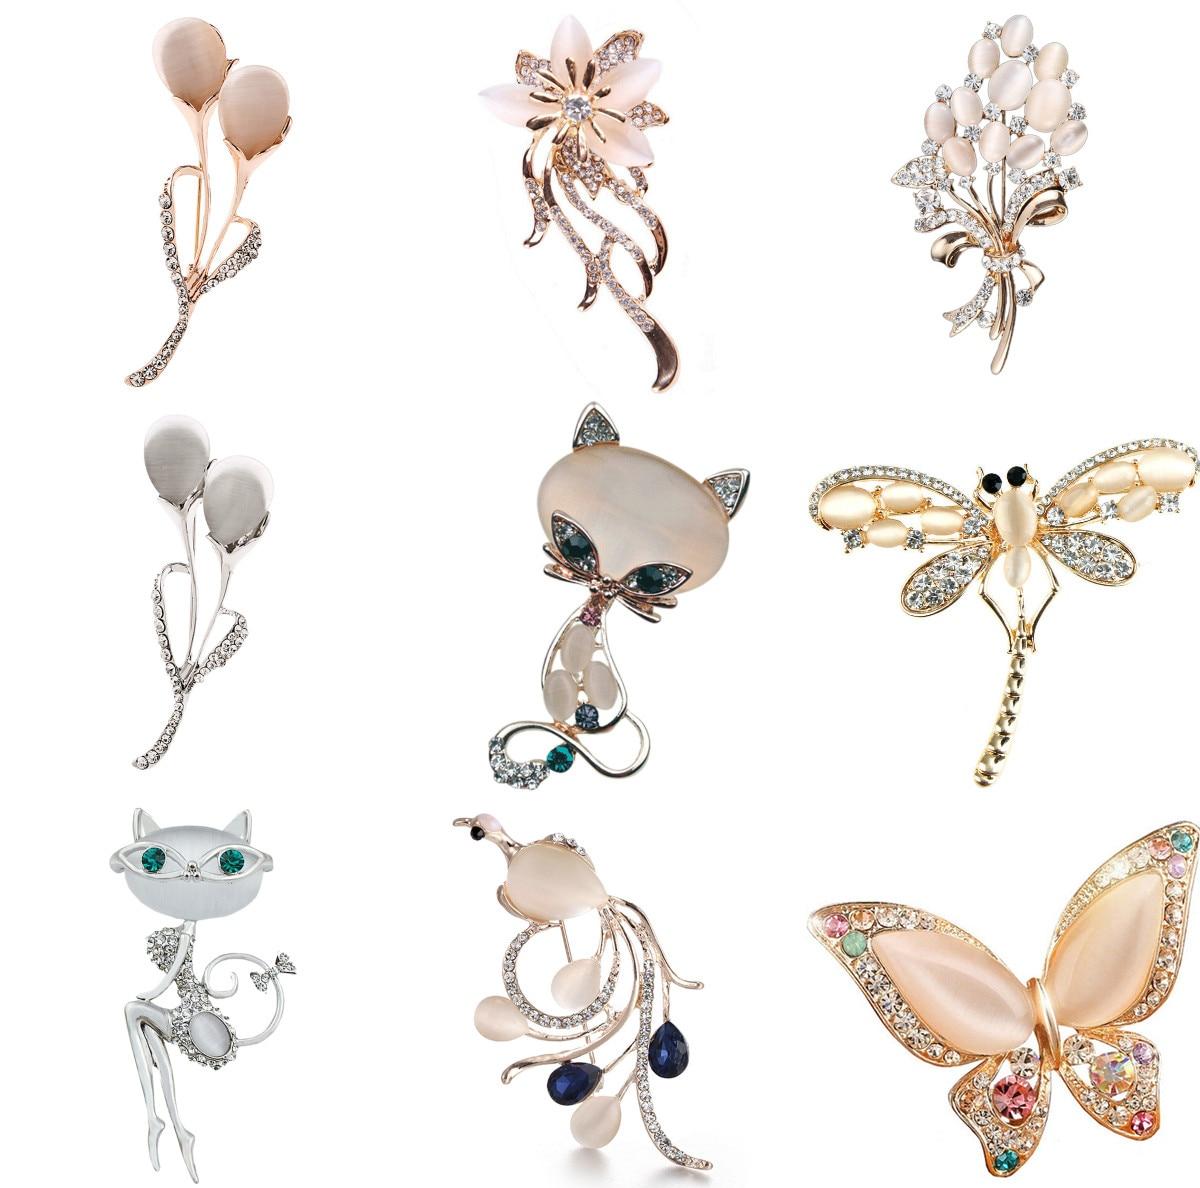 Цветок стрекозы, броши с лисой, модный опал, камень, цветок, брошь, аксессуары для одежды, подарок на день рождения